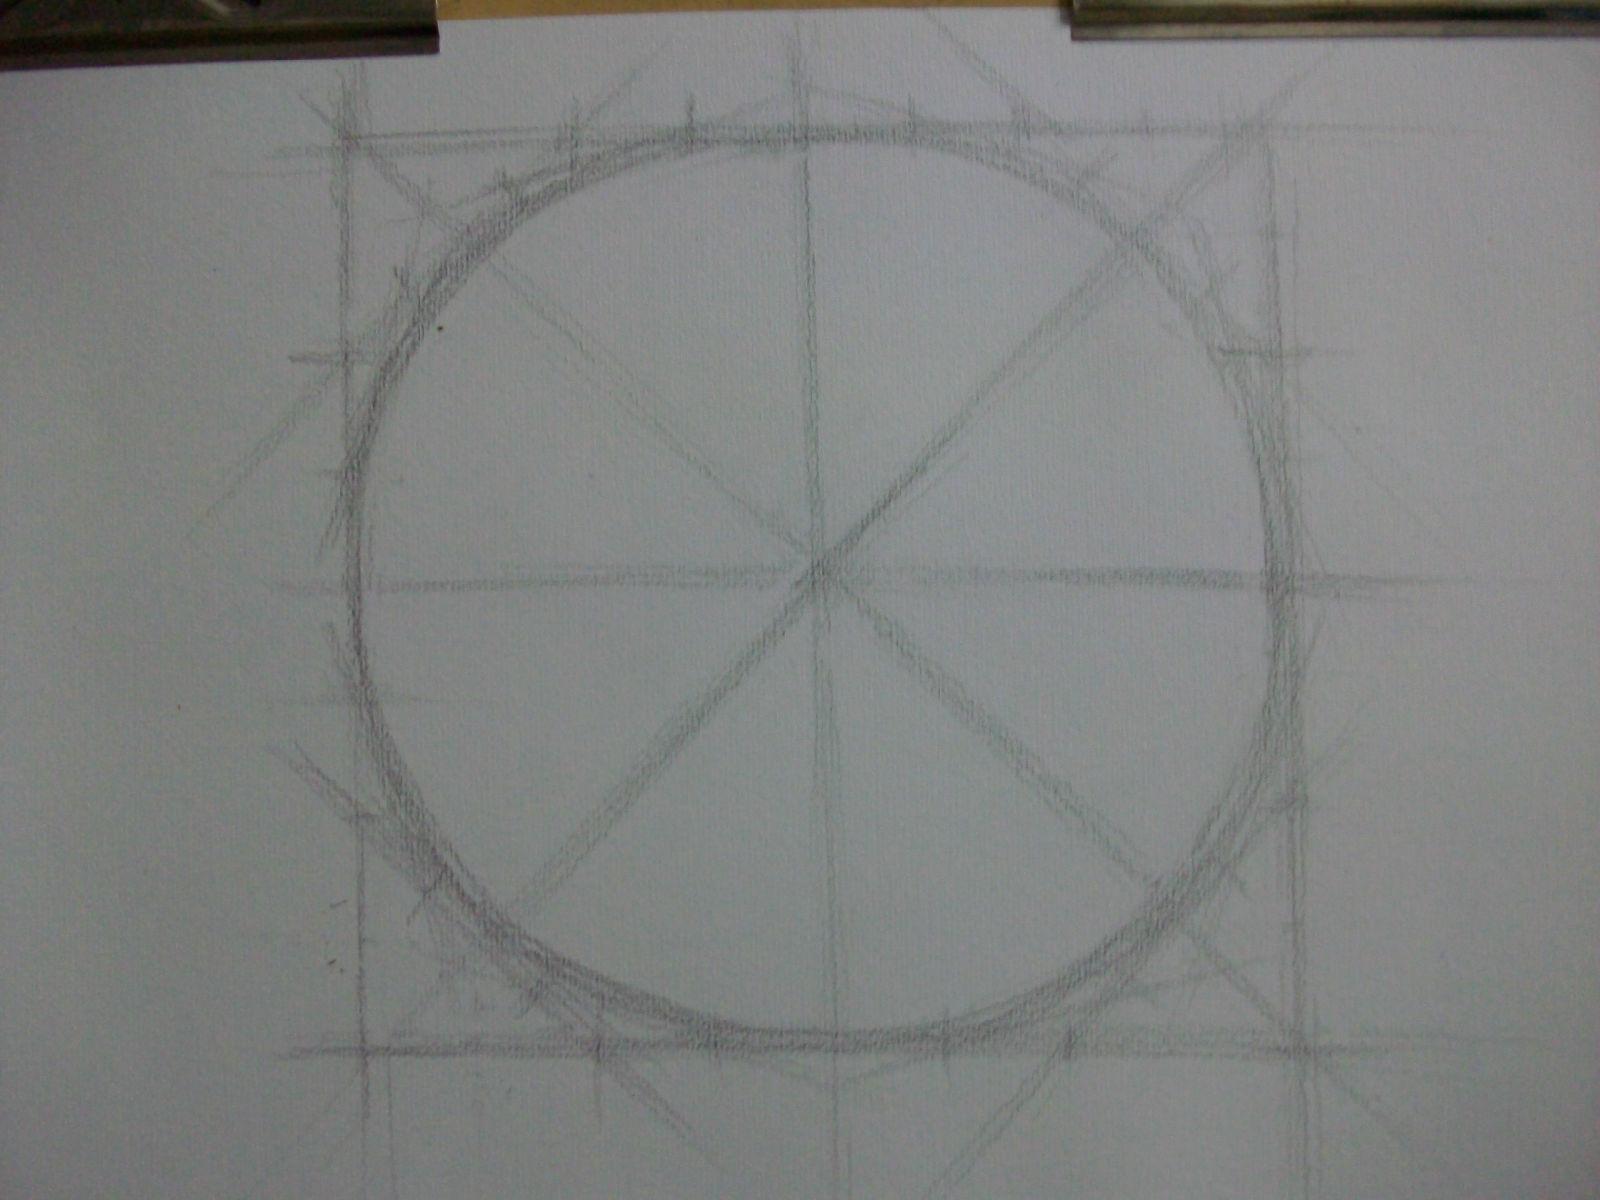 吊顶椭圆的画法视频_素描圆的画法图片展示_素描圆的画法相关图片下载